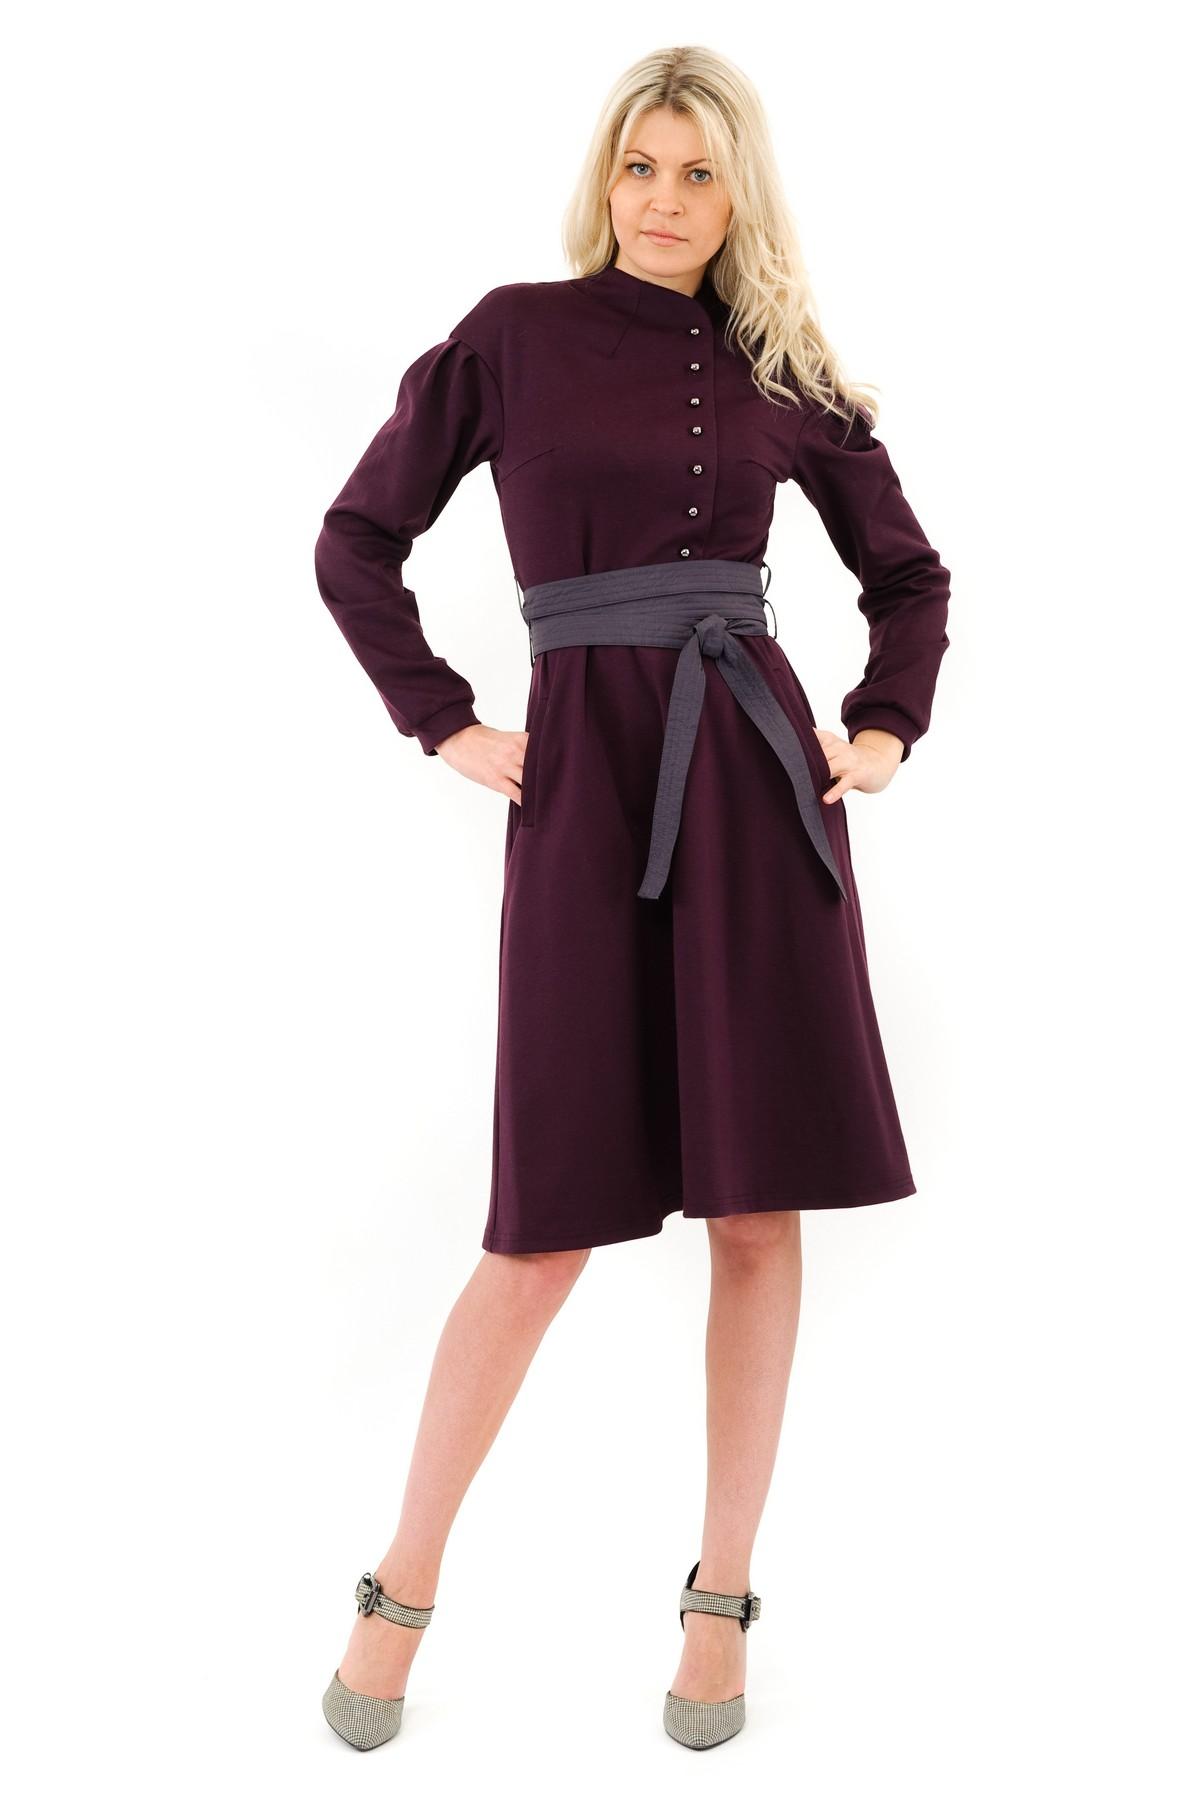 ПлатьеПлатья,  сарафаны<br>Изысканное трикотажное платье макси-длины преобразит любую девушку, придав ее образу неповторимую чувственность. Добавьте в свой гардероб нотку настоящего изысканного шика вместе с этим ярким стильным очаровательным платьем!Коллекция Колонизация дизайн<br><br>Цвет: баклажановый<br>Состав: 60% вискоза, 35% полиэстер, 5% лайкра<br>Размер: 40<br>Страна дизайна: Россия<br>Страна производства: Россия